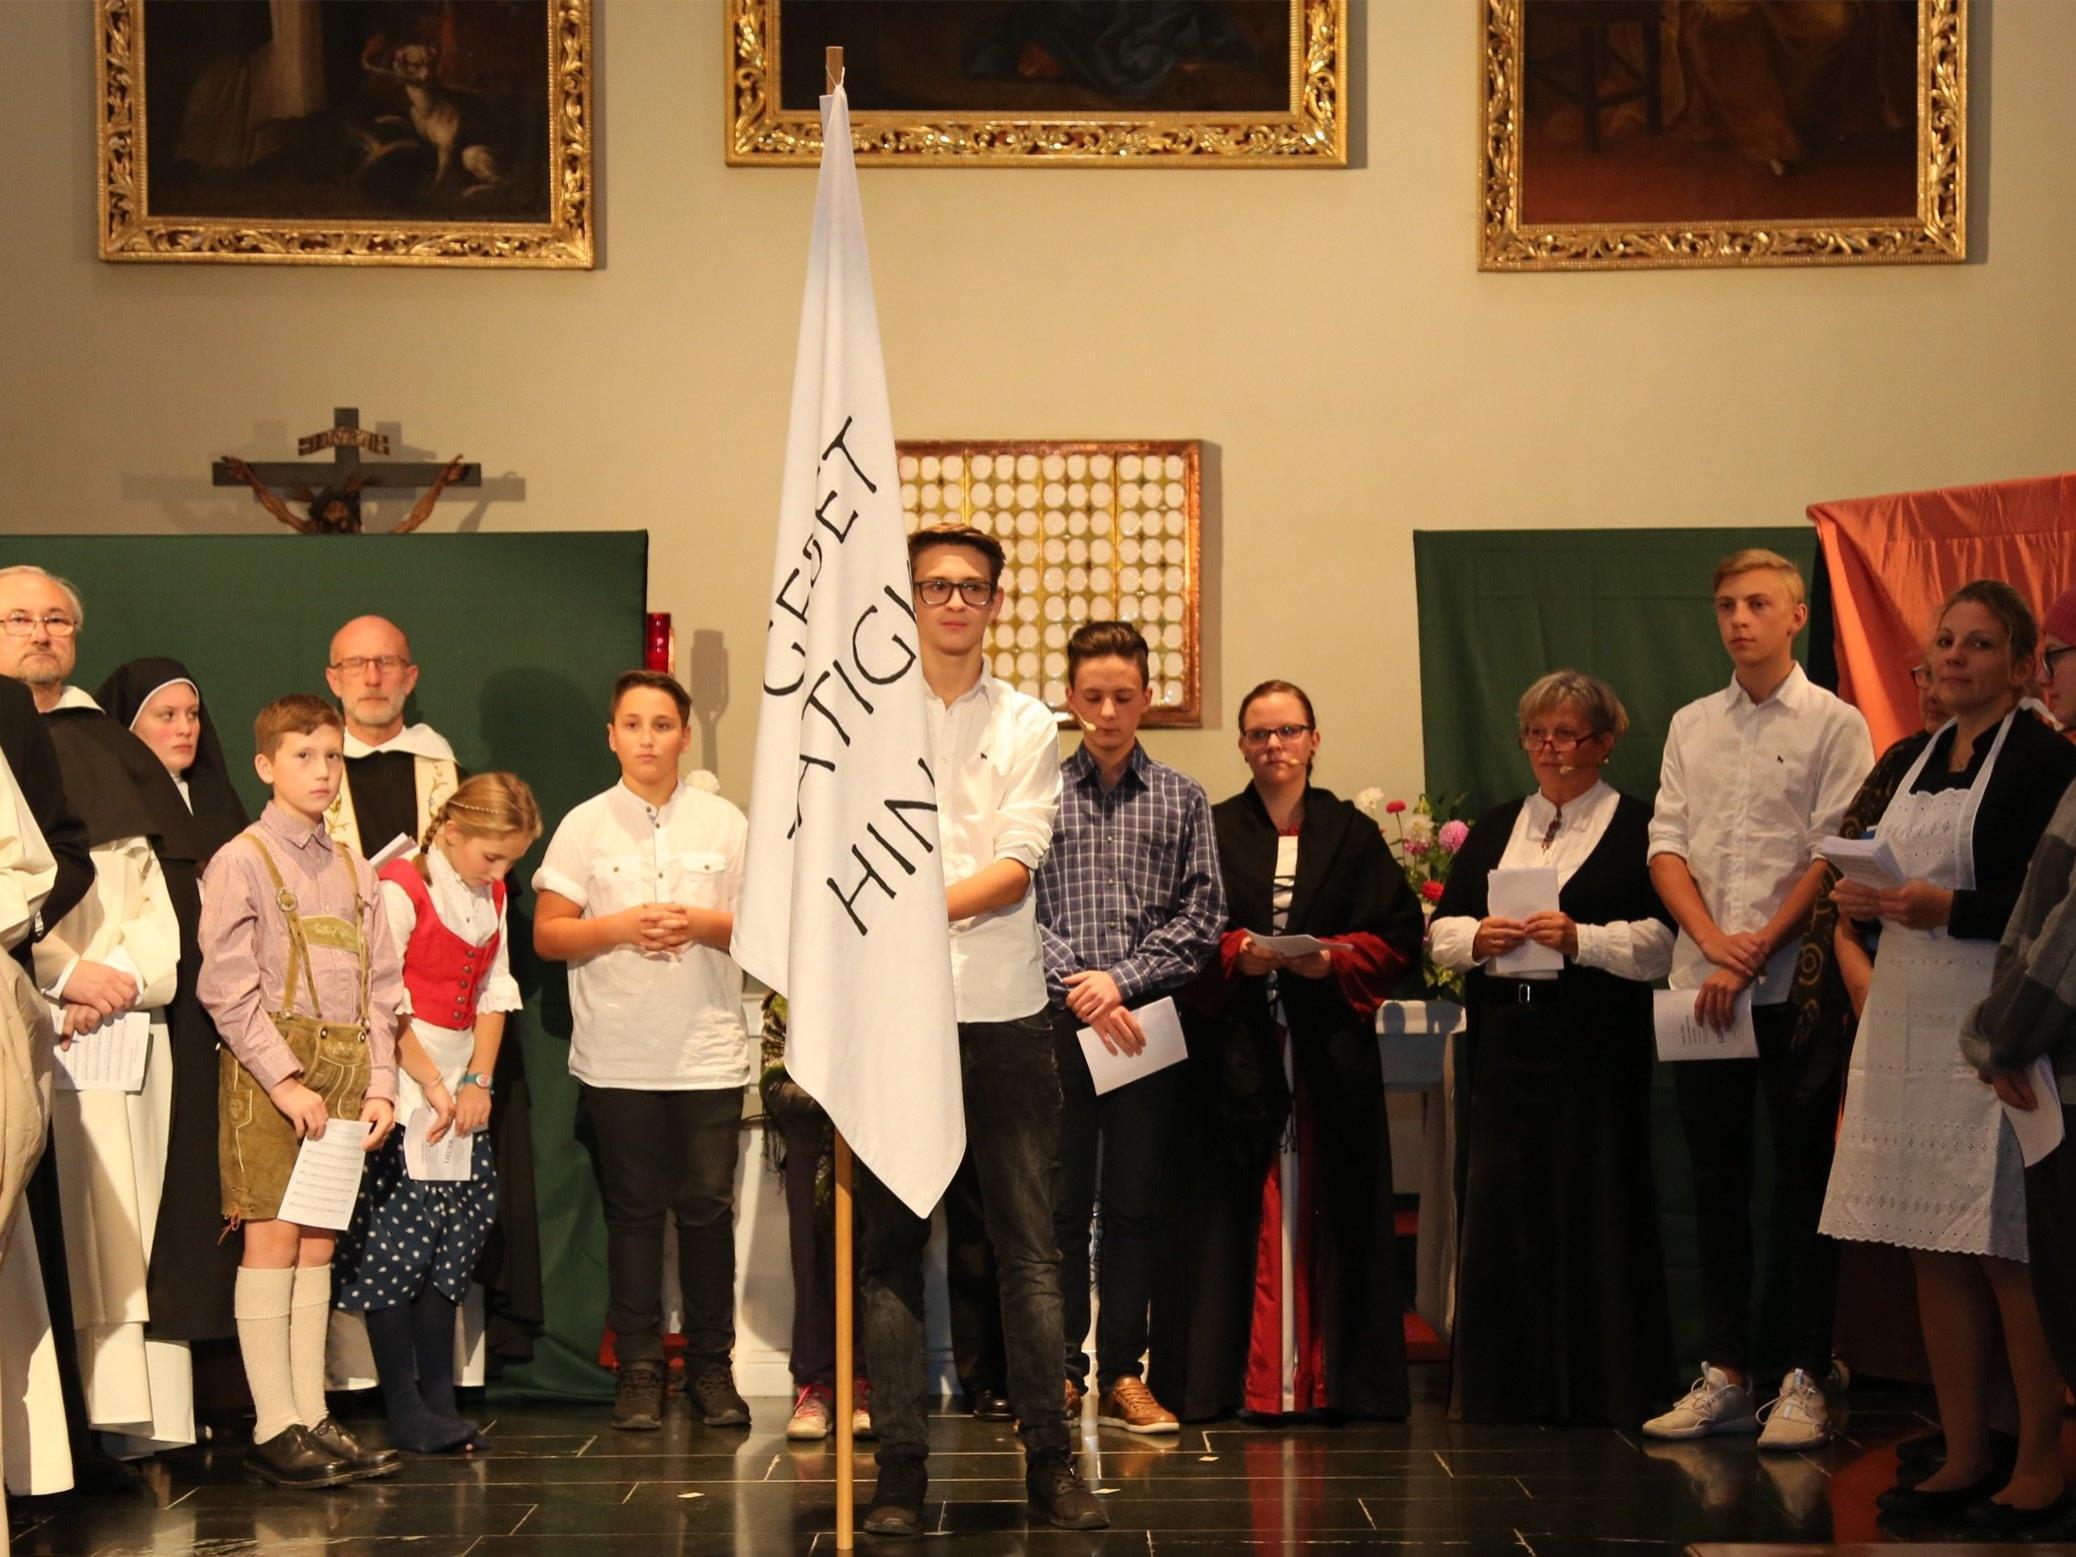 Zum 800-jährigen Ordensjubiläum kam im Kloster Altenstadt ein beachtenswertes Theaterstück zur Aufführung